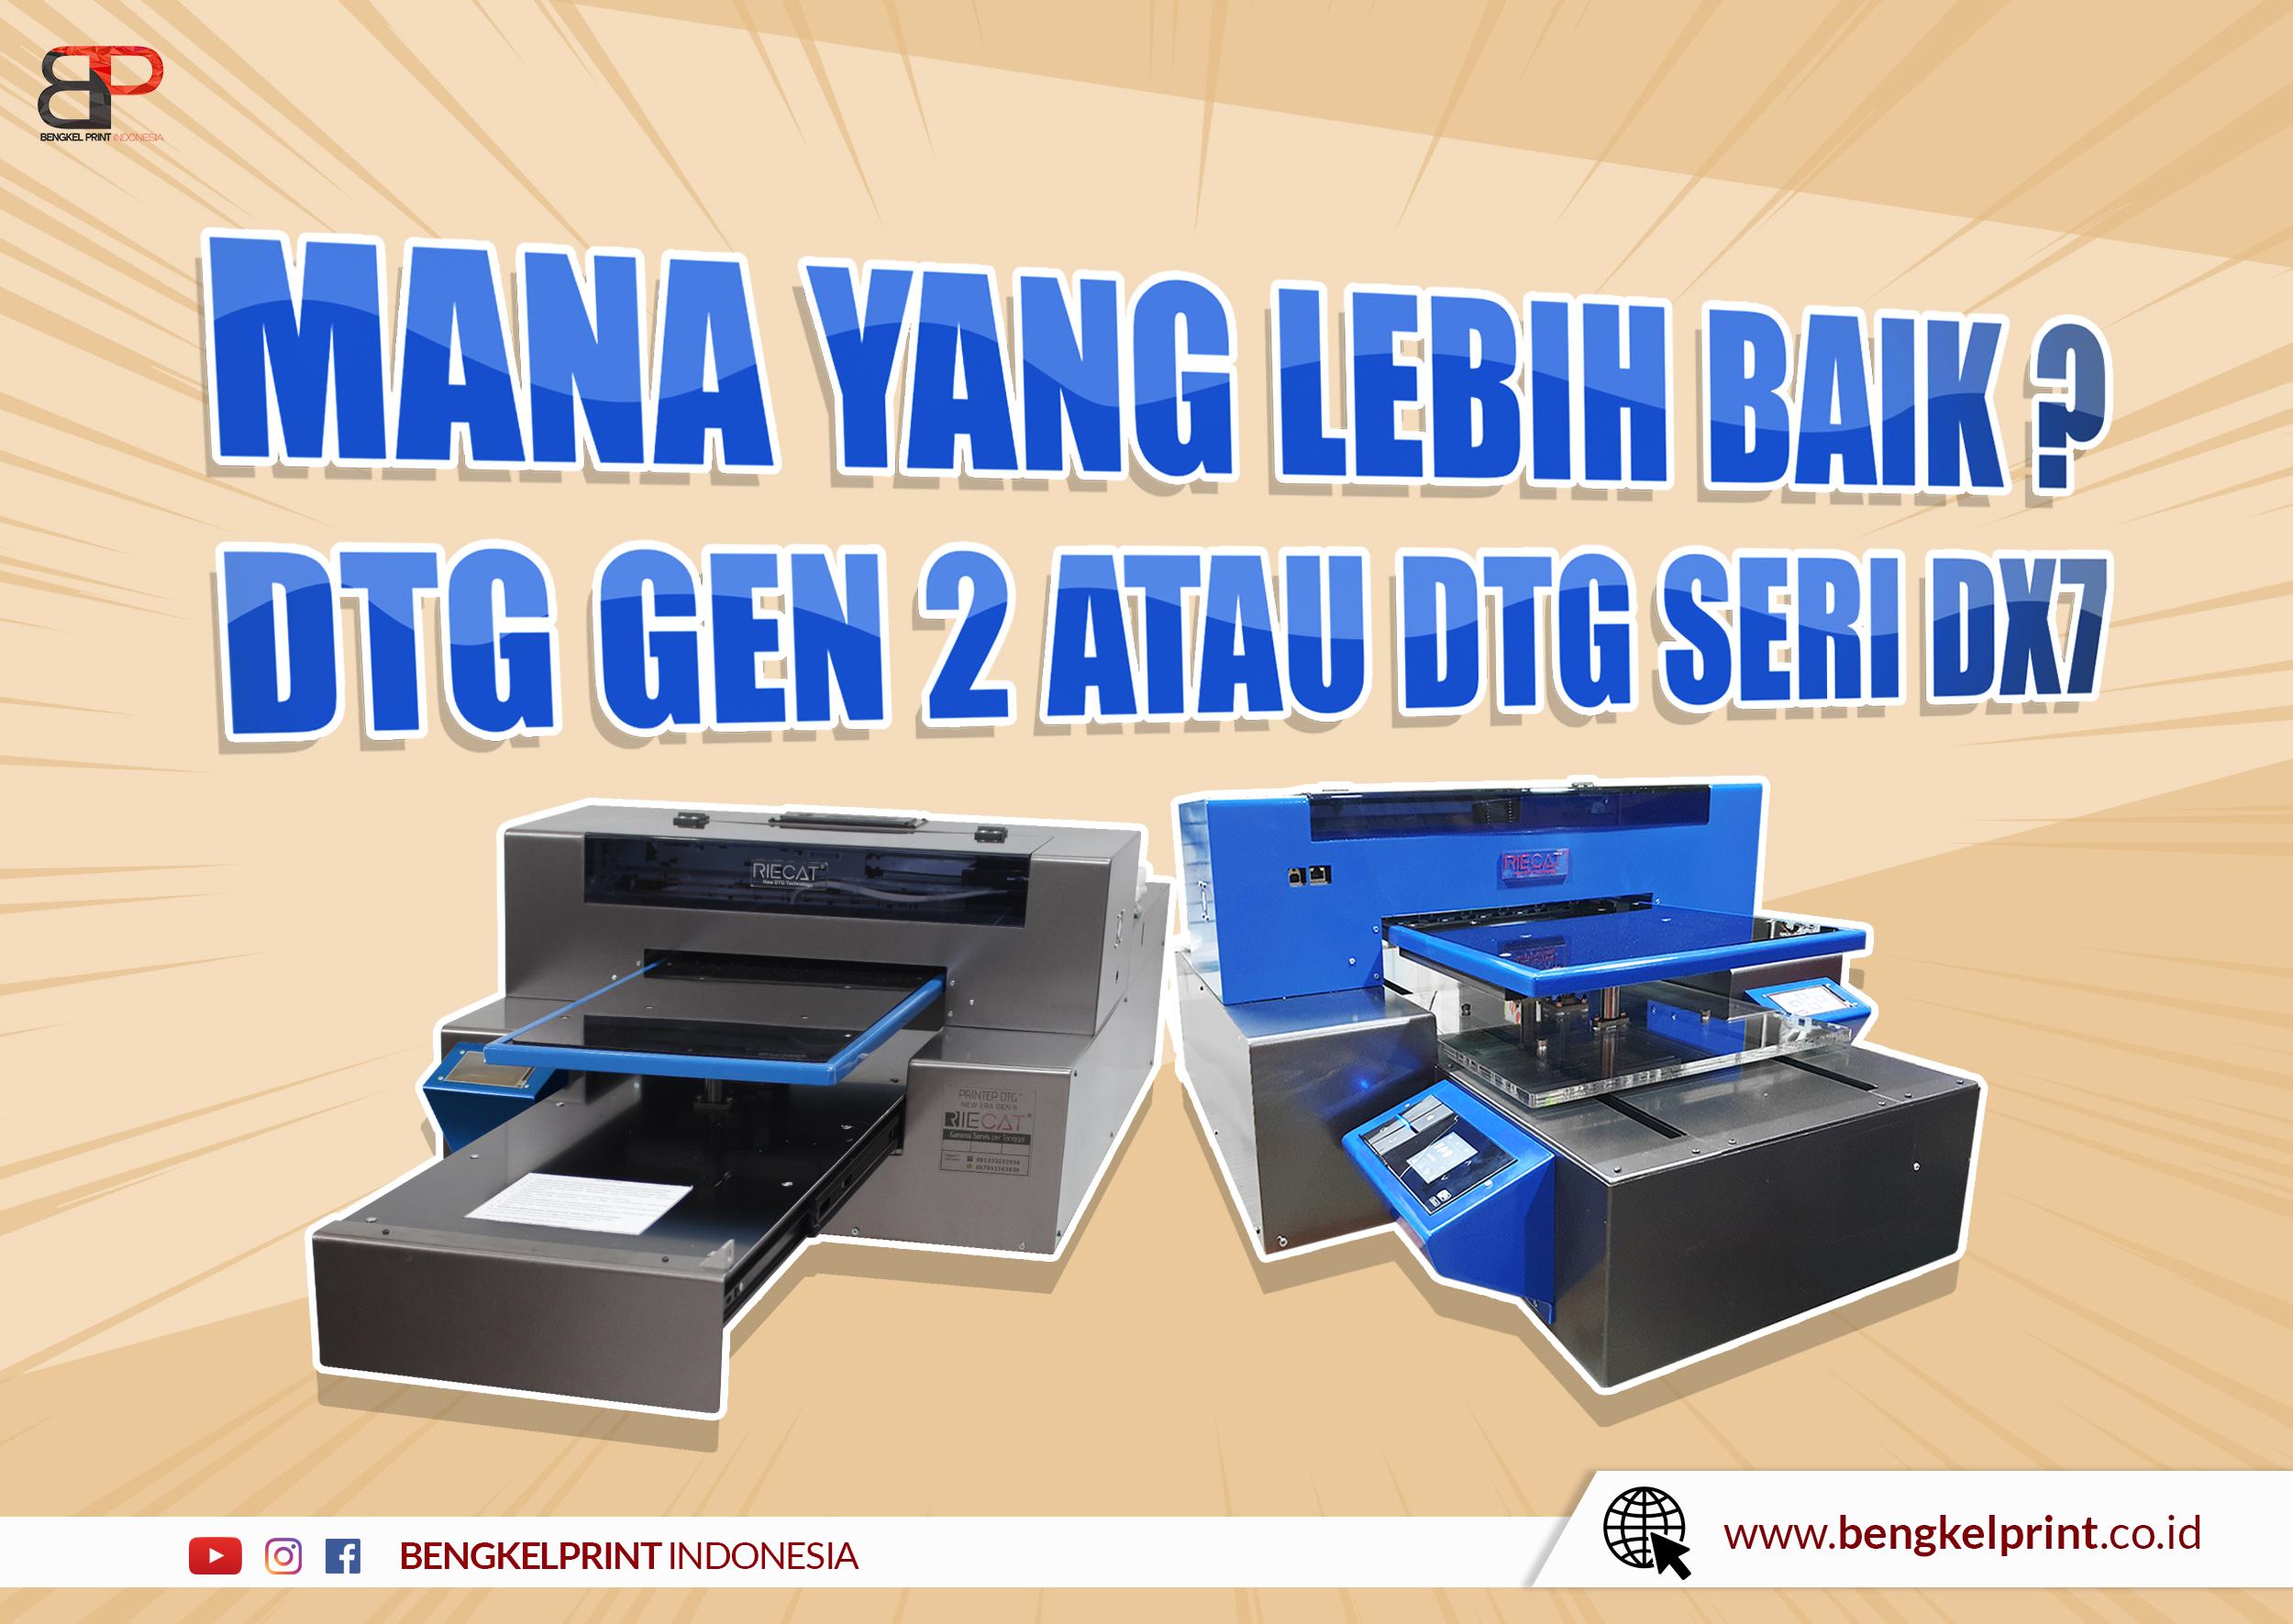 Perbedaan Printer DTG DX7 Dan New Era Gen 2